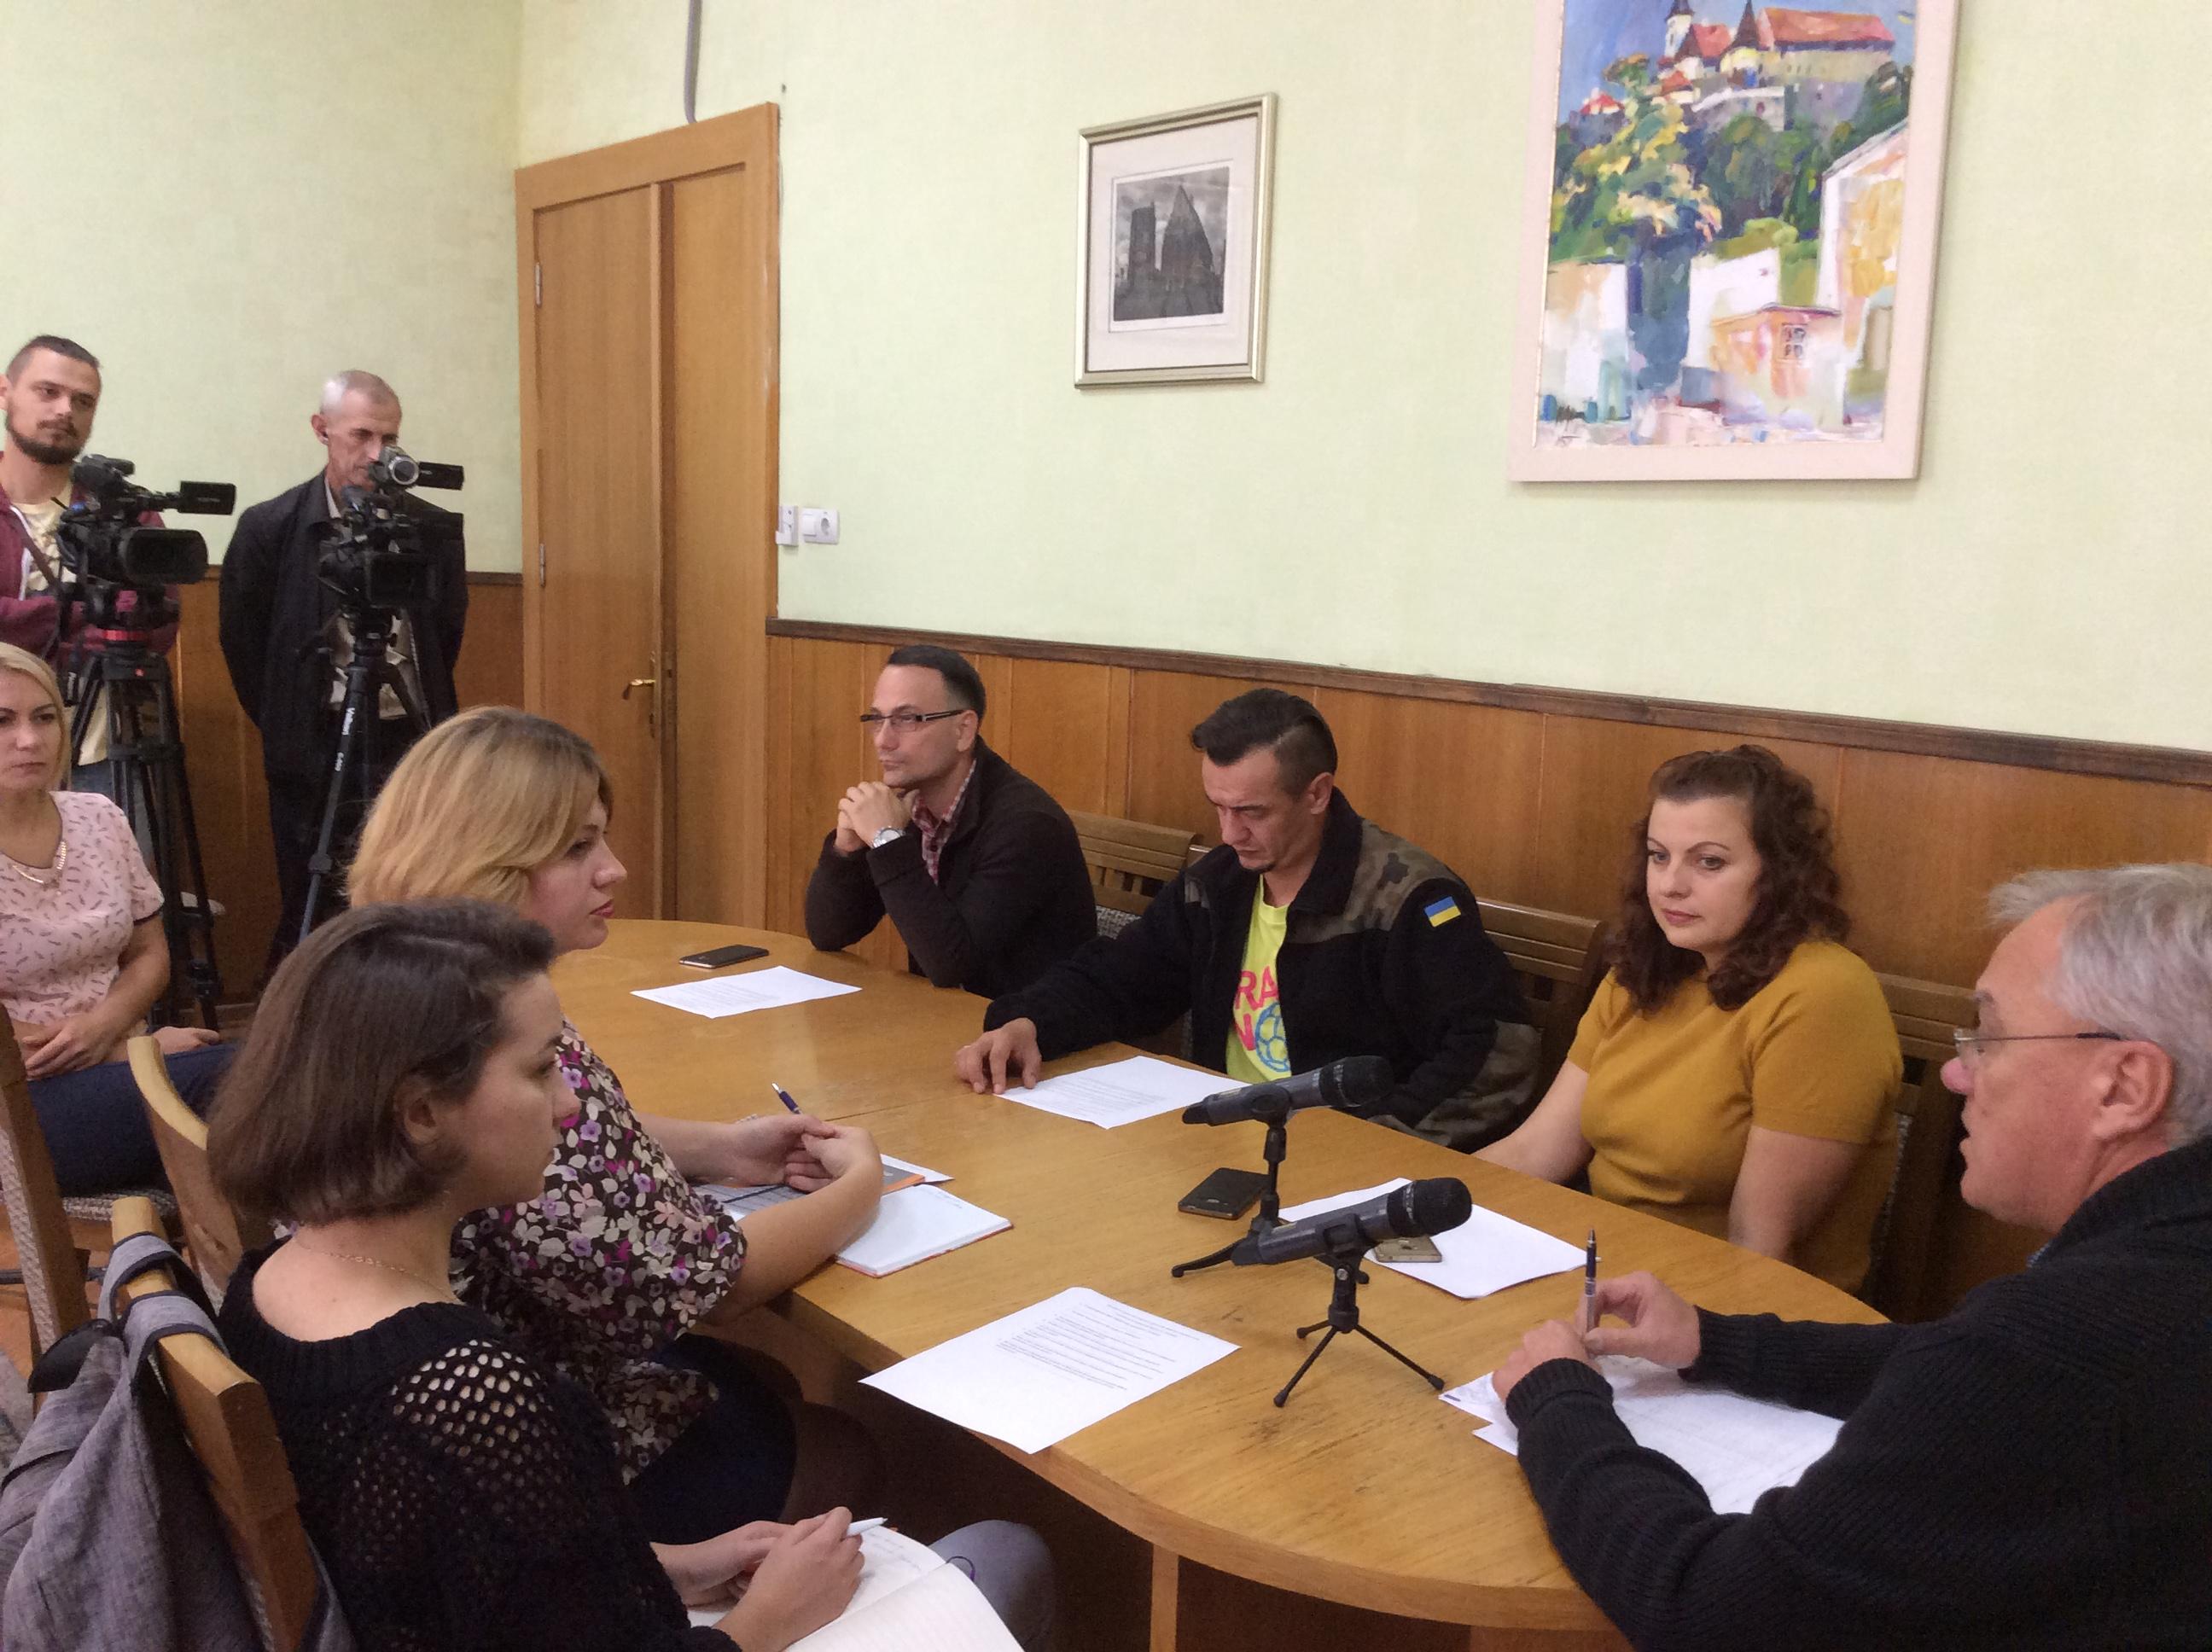 «Поговоримо про гроші»: відверта розмова журналістів з мером про бюджет у Коломиї